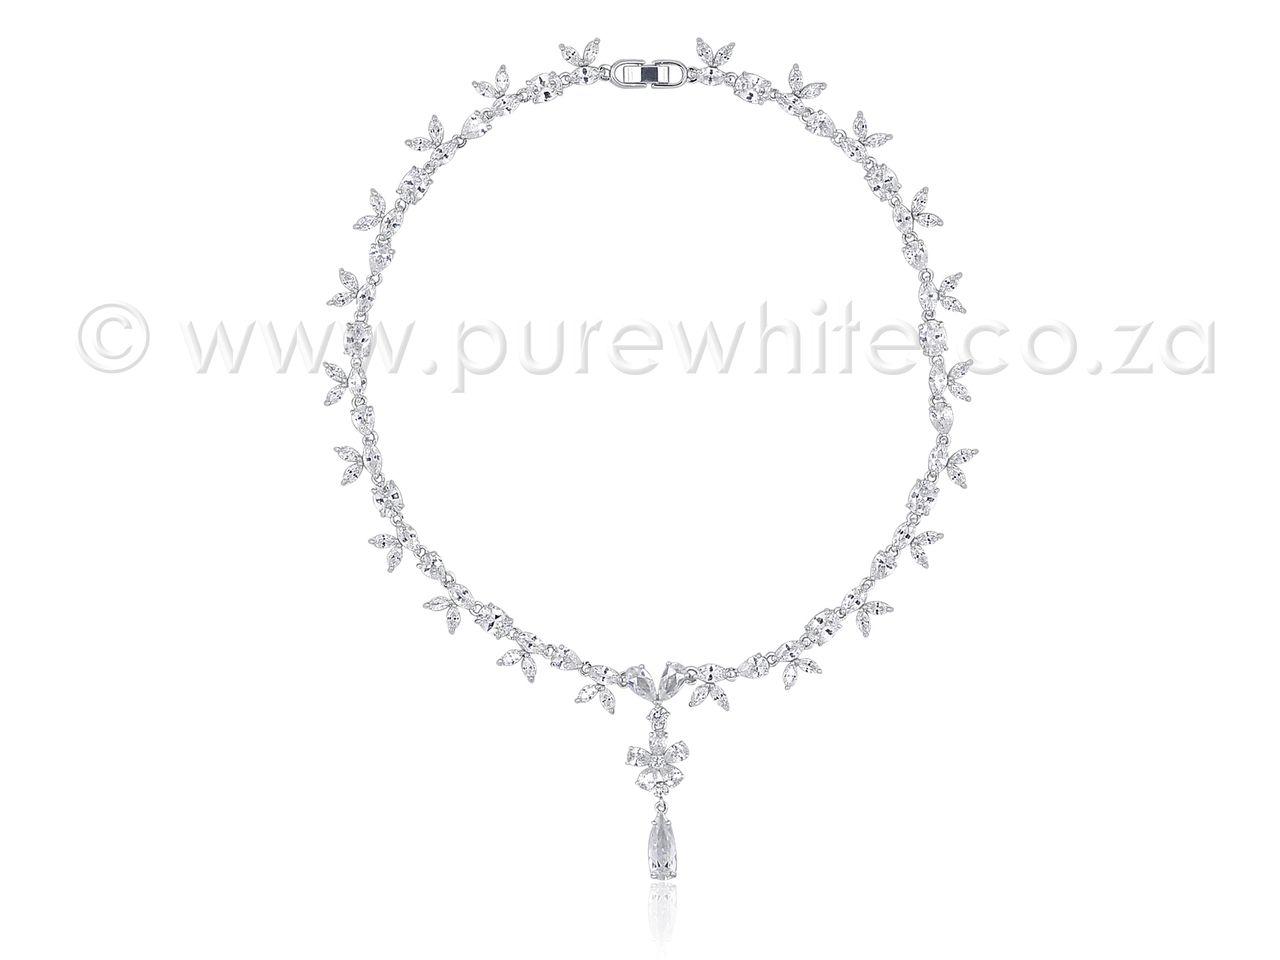 PURE WHITE - Feminine Cubic Zirconia Necklace 7-022, R2,229.01 (http://www.purewhite.co.za/feminine-cubic-zirconia-necklace-7-022/)